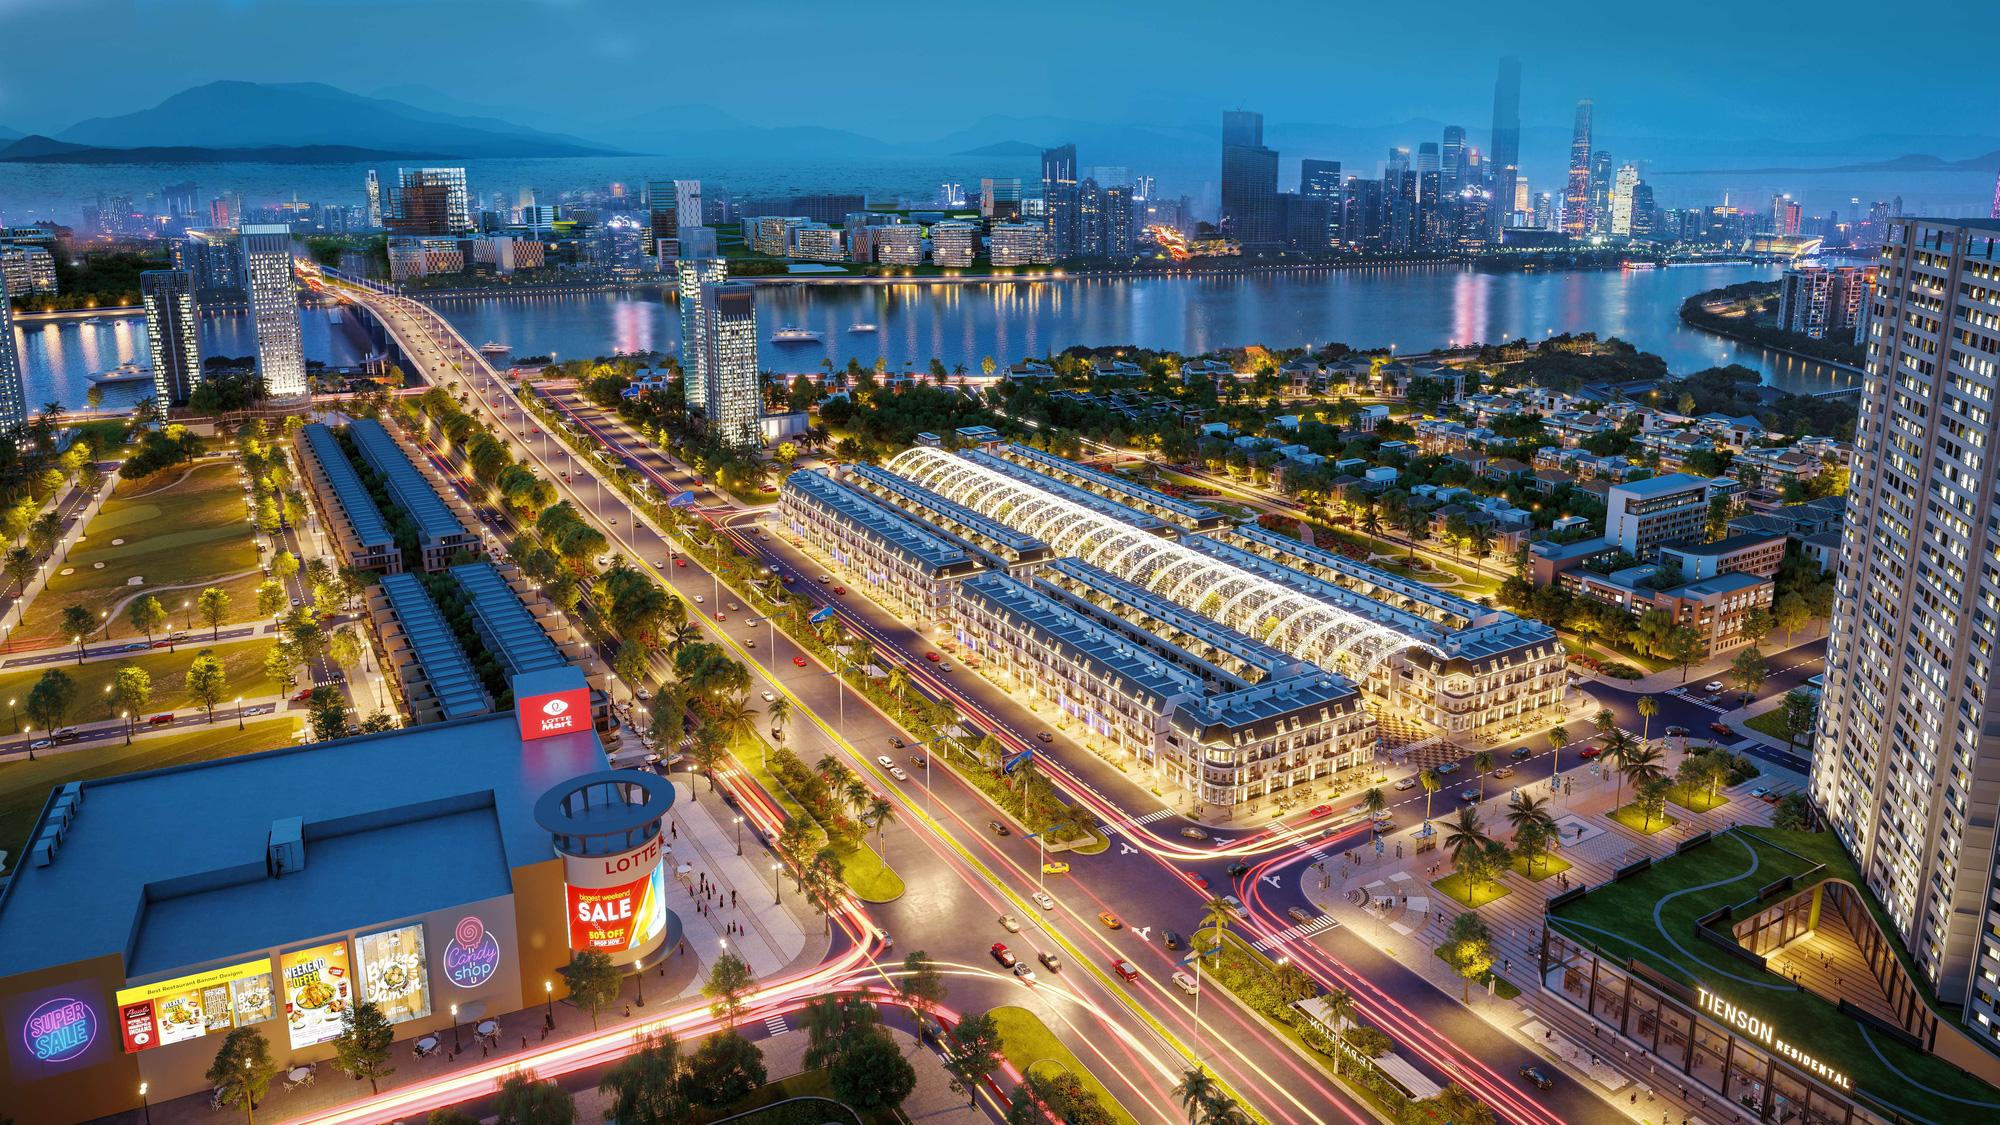 Từ hôm nay, Regal Pavillon Da Nang của Đất Xanh Miền Trung đủ điều kiện bán, cho thuê, thuê mua - Ảnh 4.